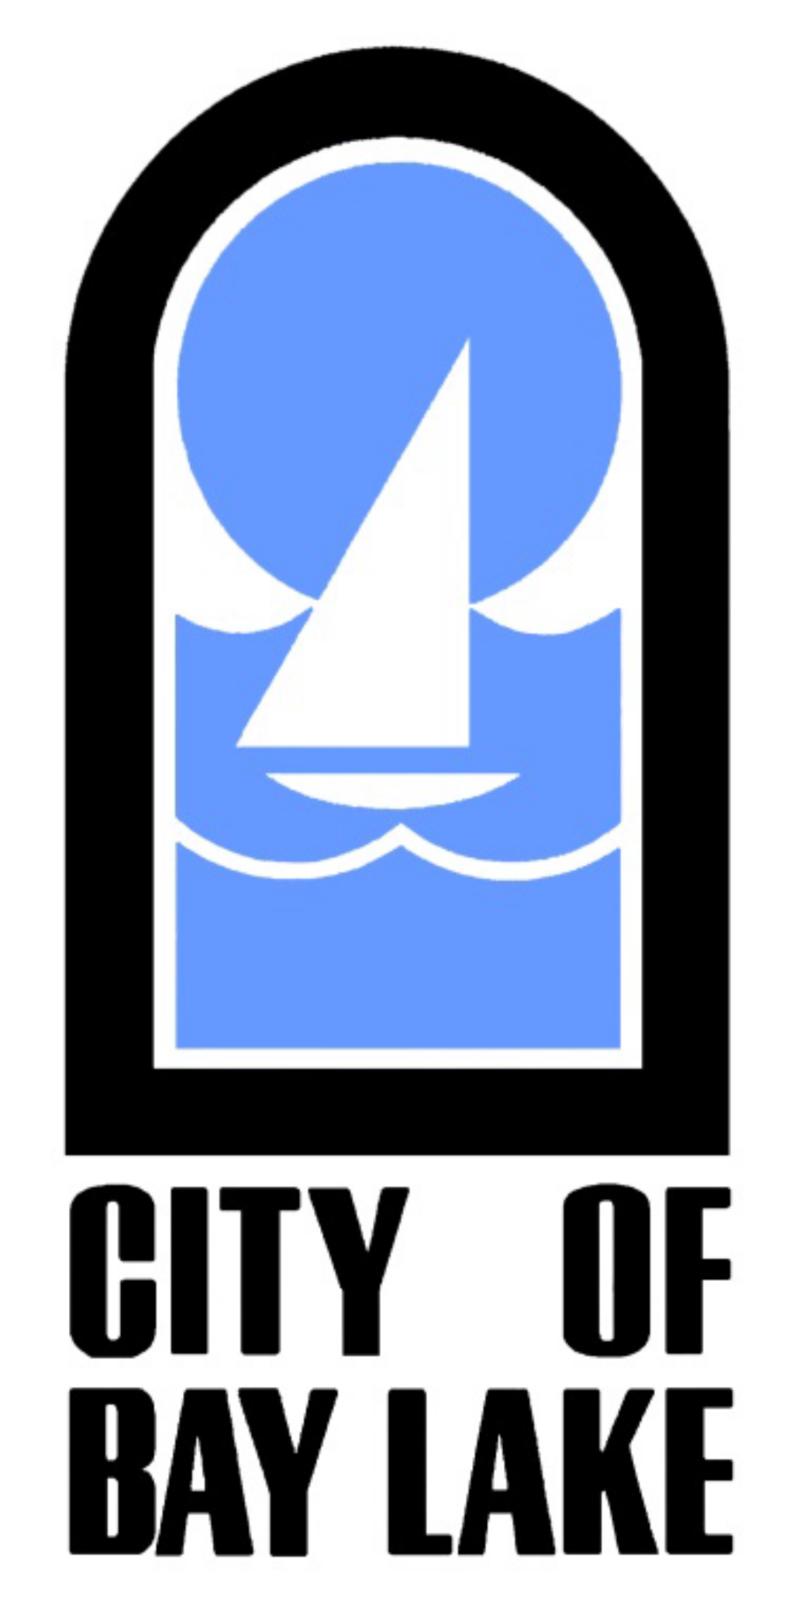 Official seal of Bay Lake, Florida